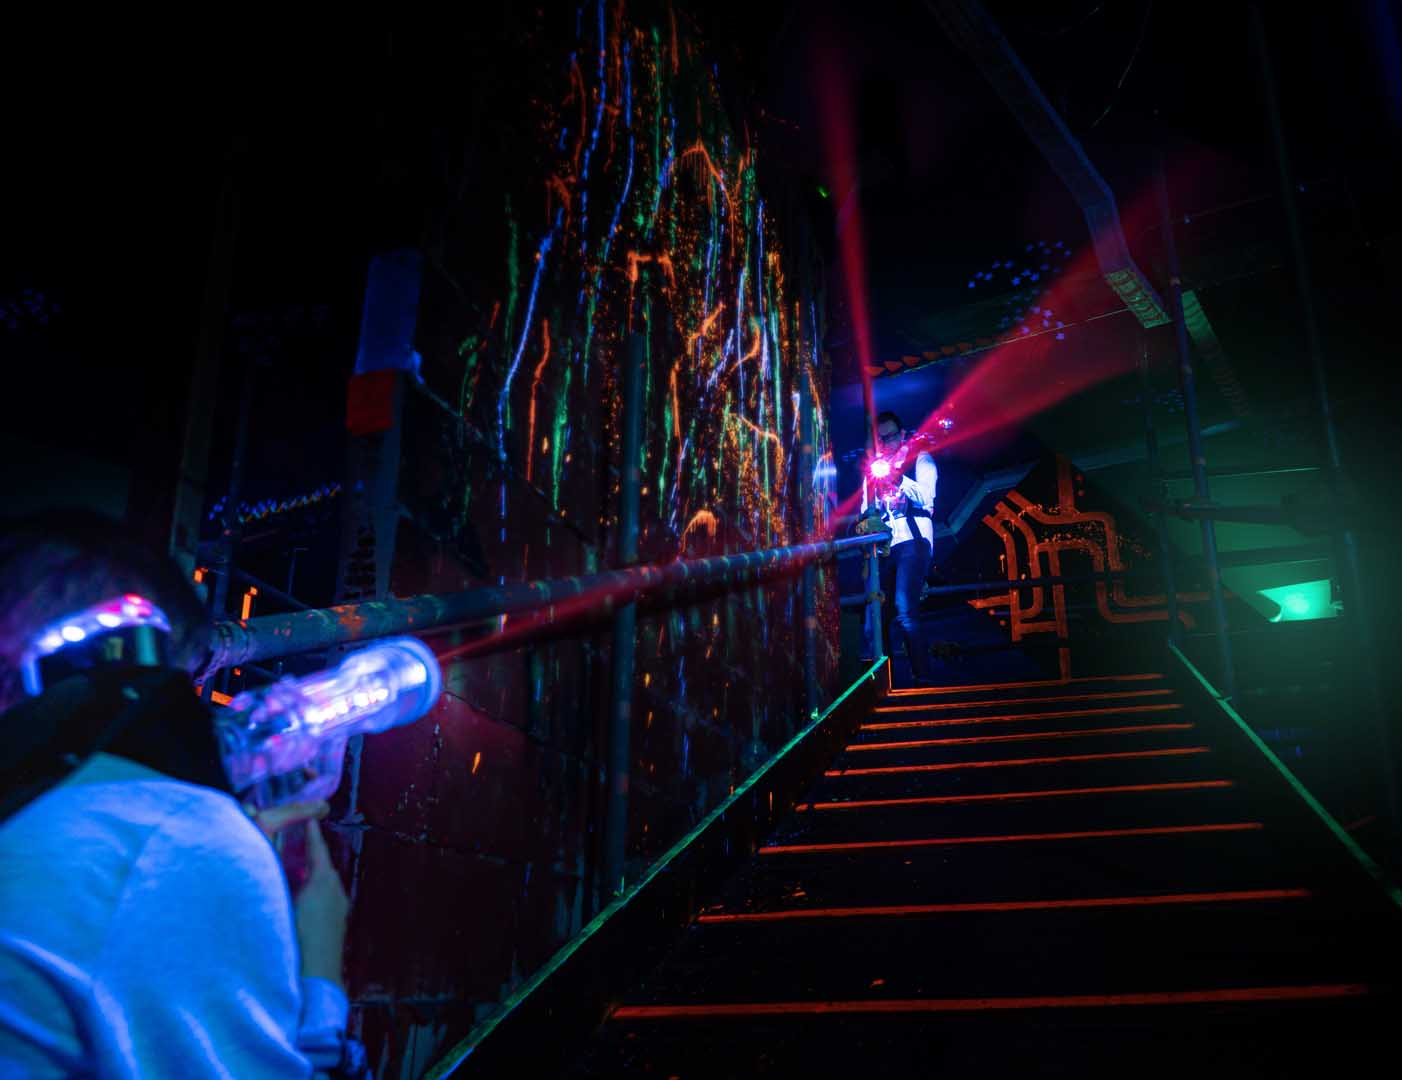 Laserquest arena 10